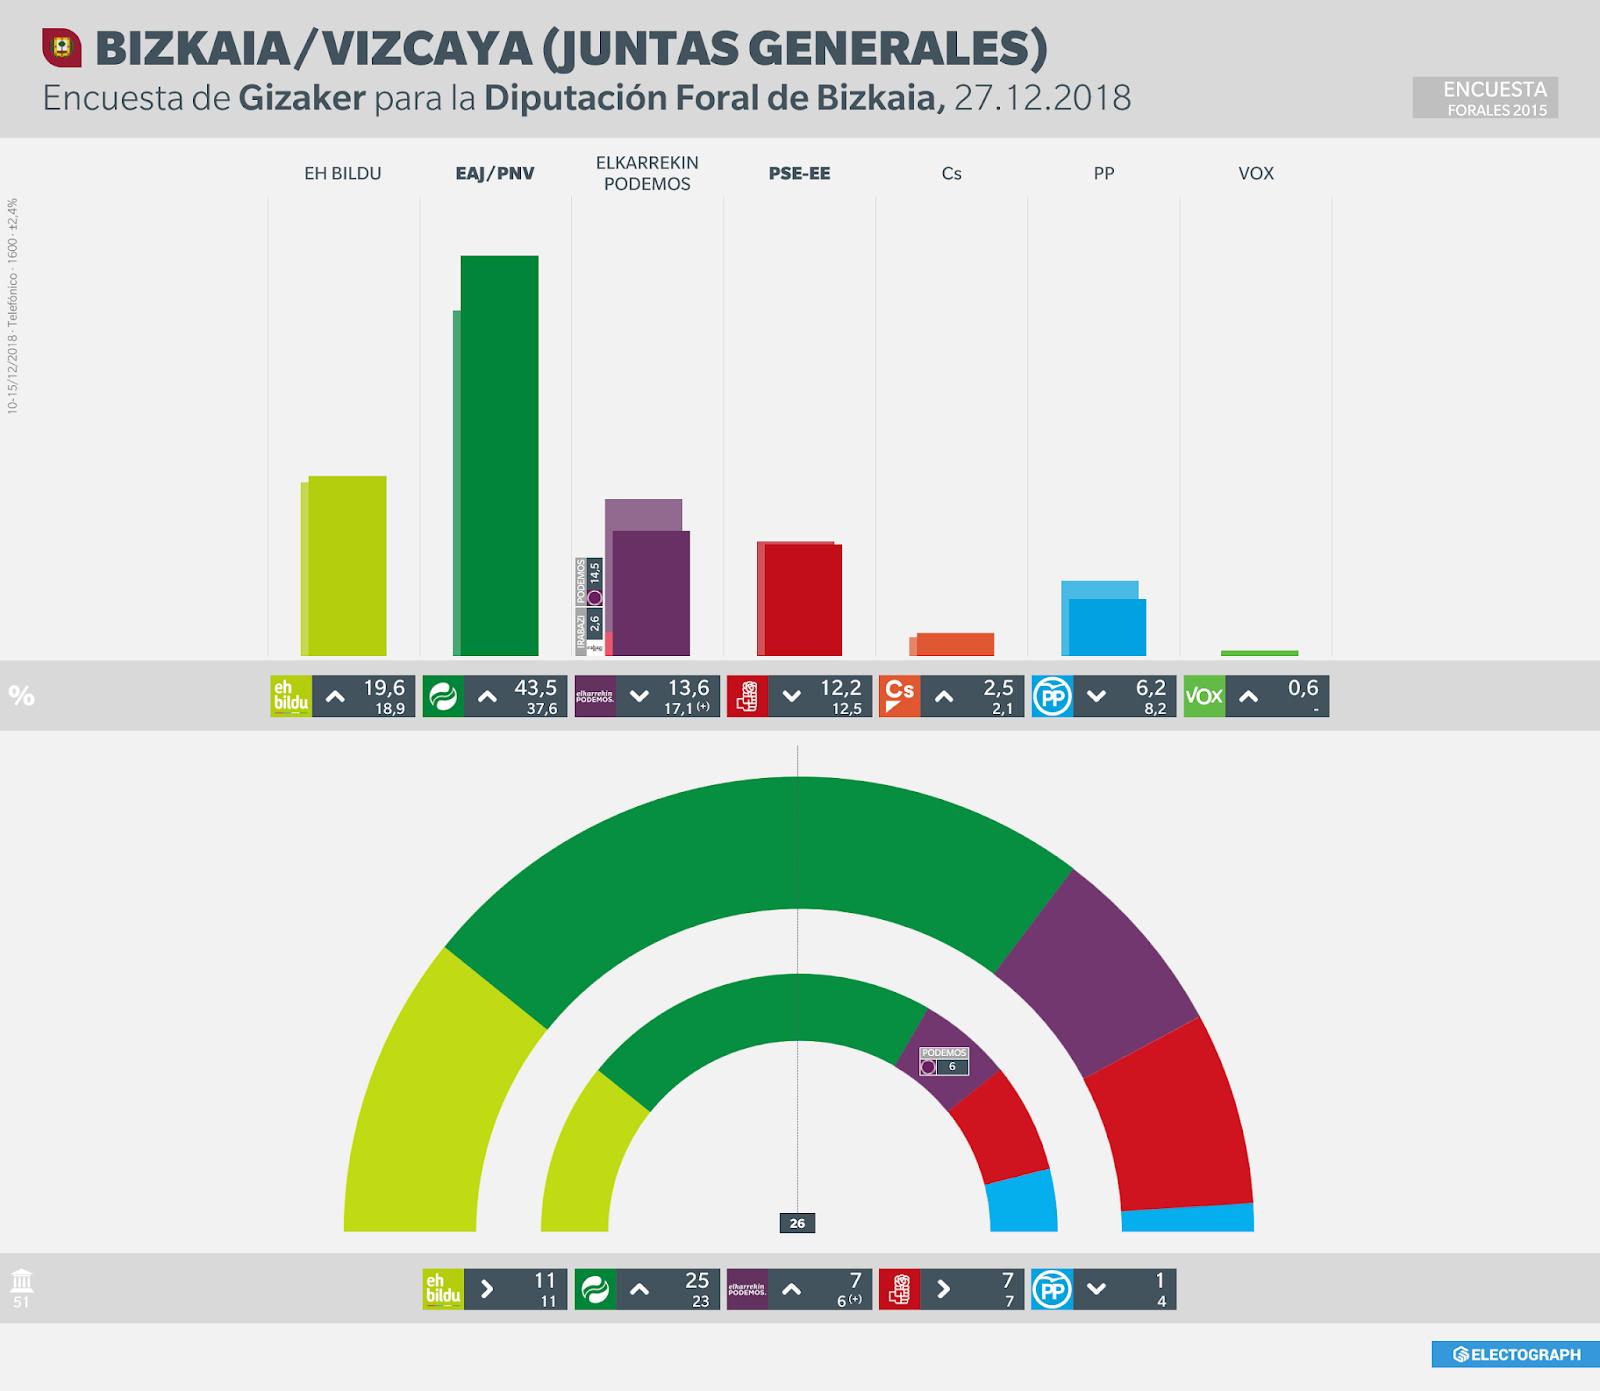 Gráfico de la encuesta para elecciones a Juntas Generales de Bizkaia realizada por Gizaker para la Diputación Foral, 27 de diciembre de 2018